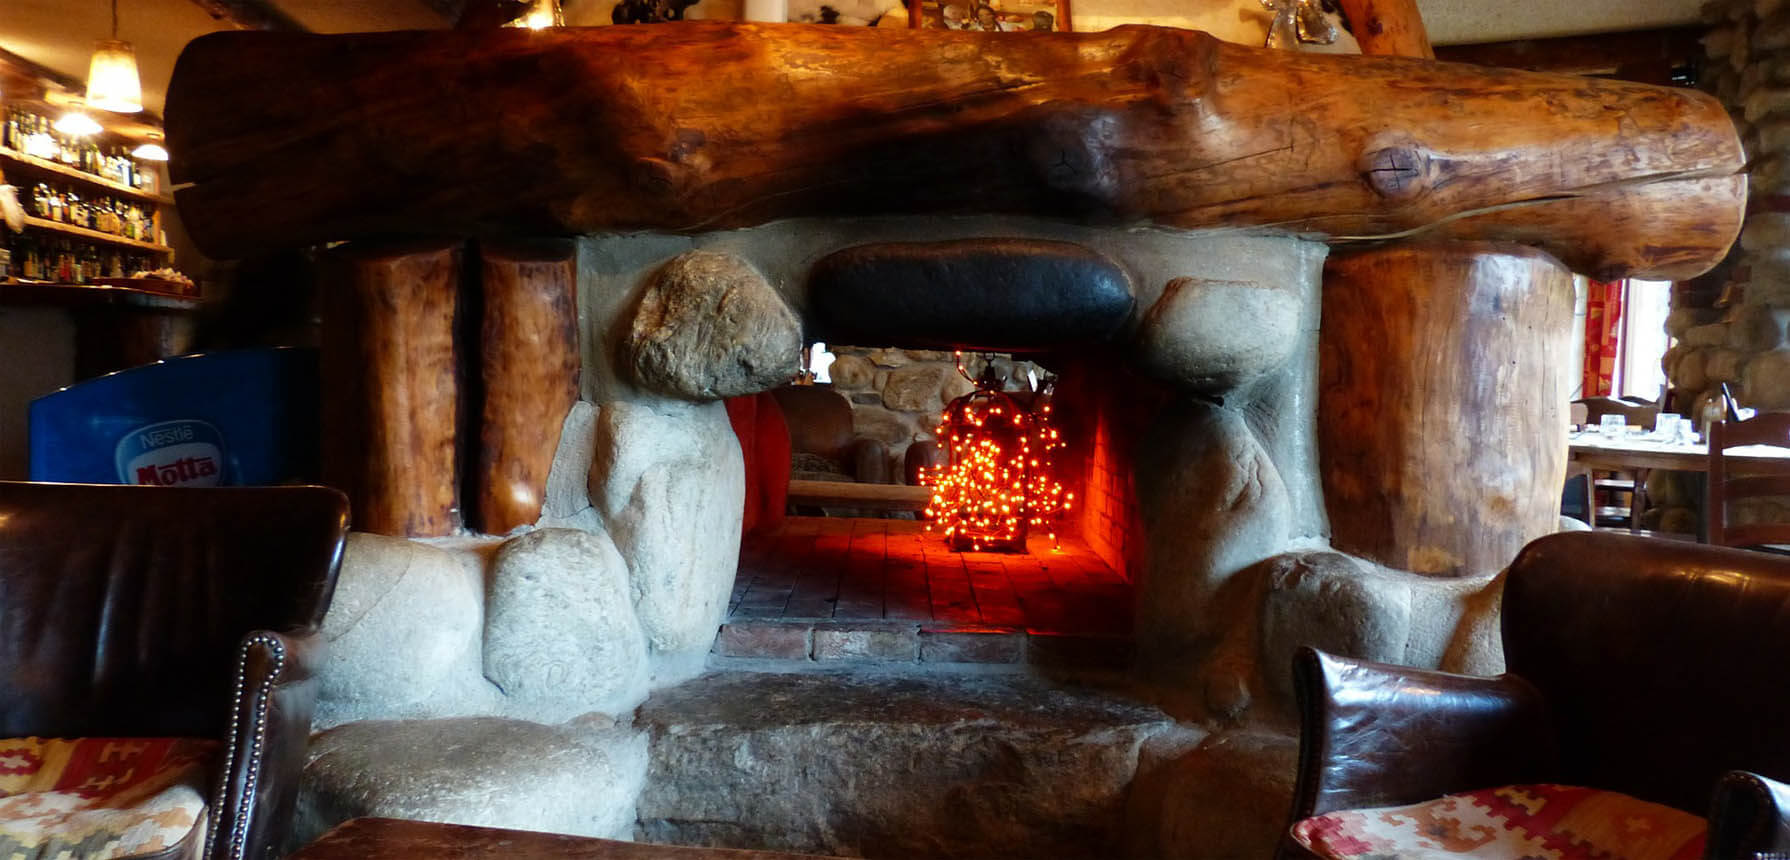 Chimeneas rusticas en casa - Diseno de chimeneas rusticas ...